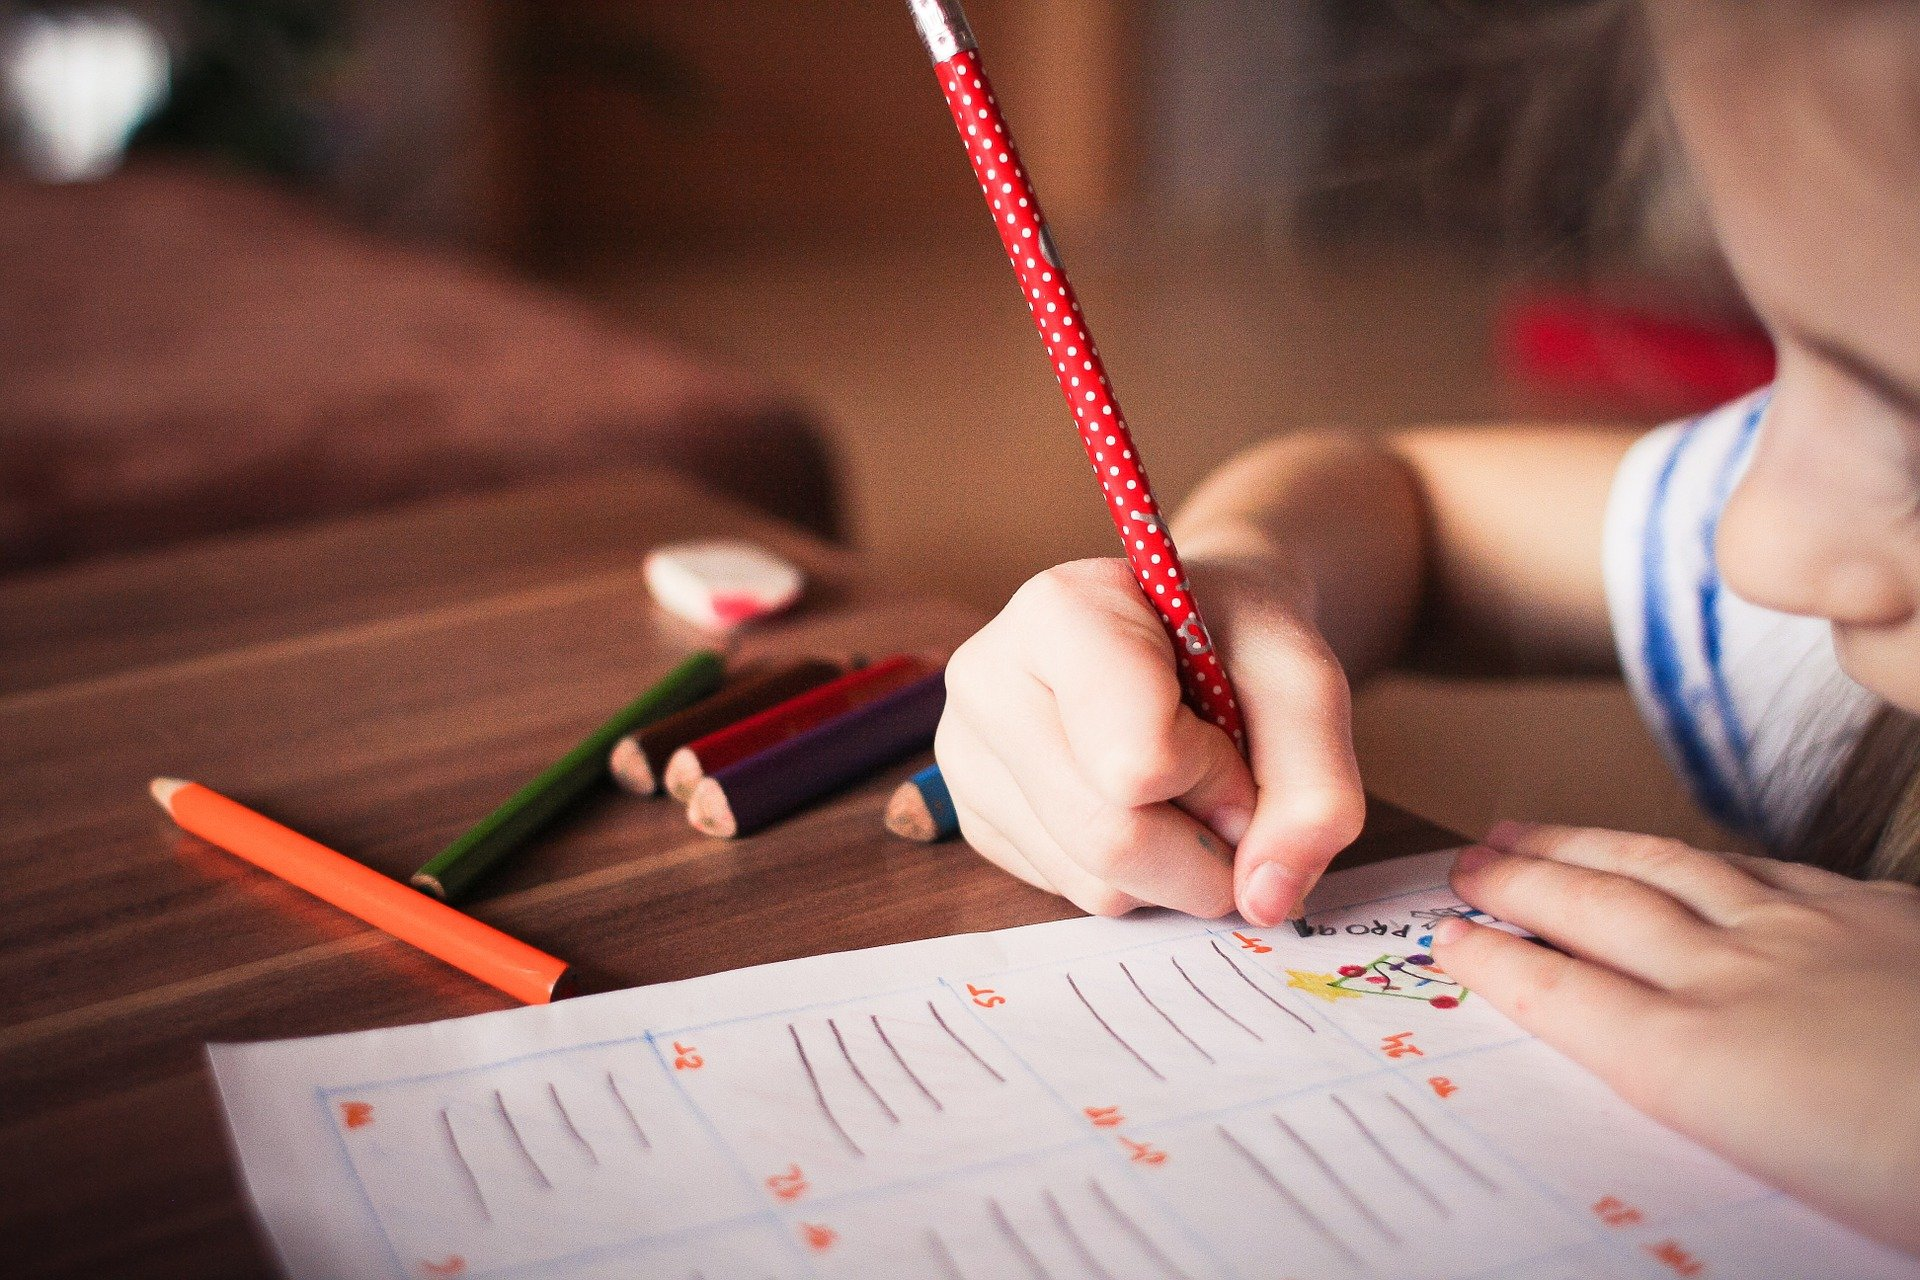 得意なことを書くべき理由